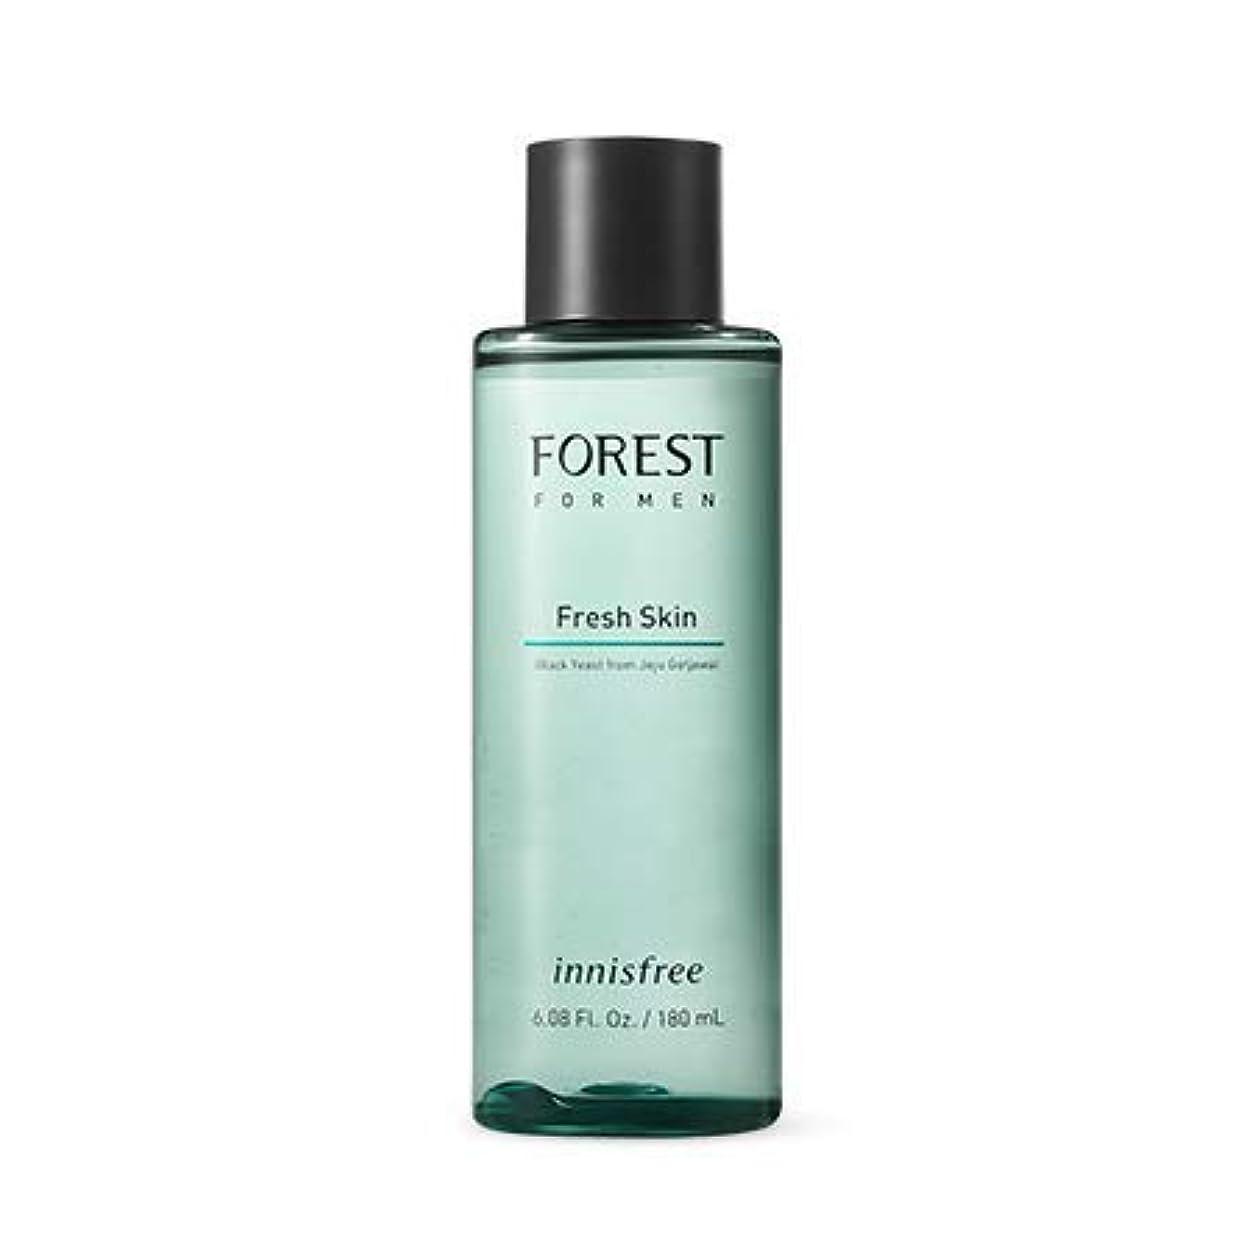 眠る小学生法廷[イニスフリー]フォレストフォアマンフレッシュスキン180mL(2019.05 new)Forest for Men Fresh Skin